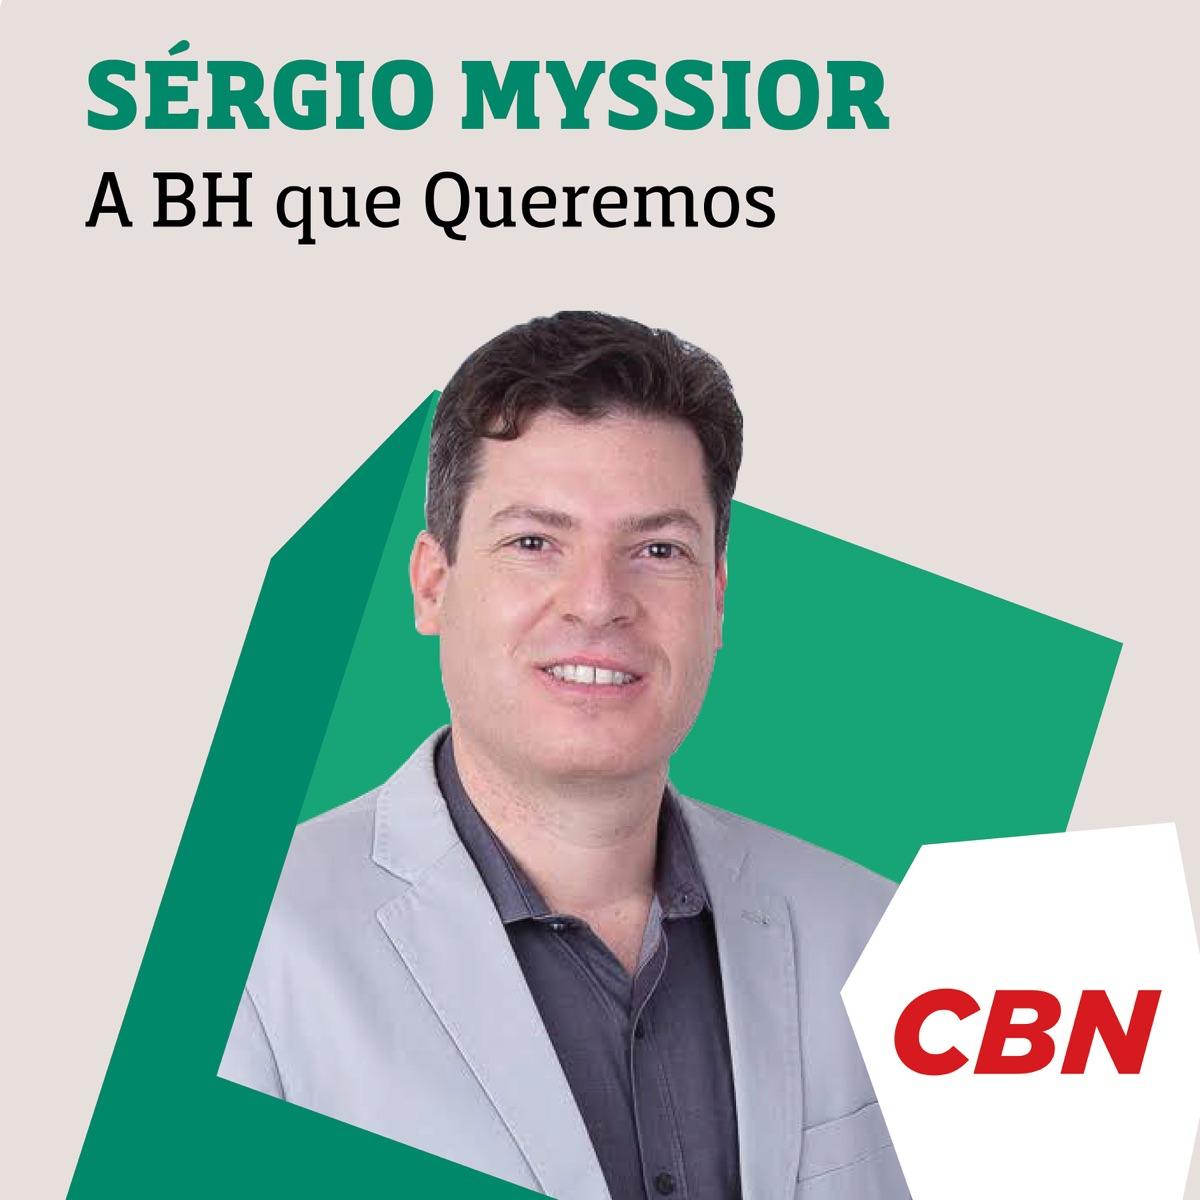 Sérgio Myssior - A BH que queremos